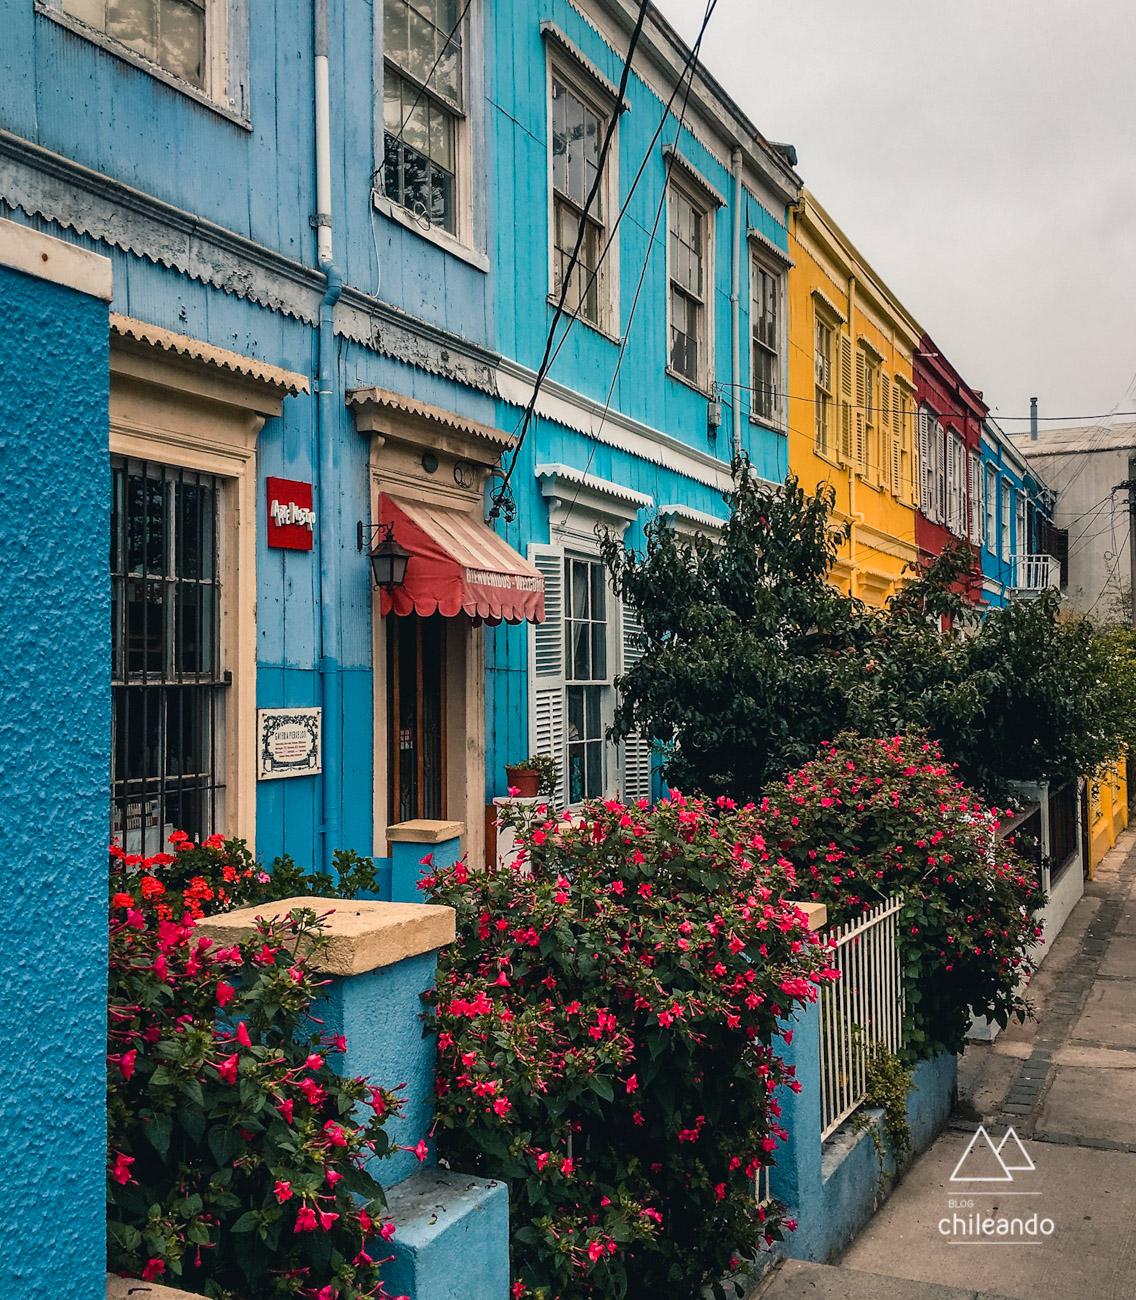 Uma das charmosas vilas coloridas de Valparaíso